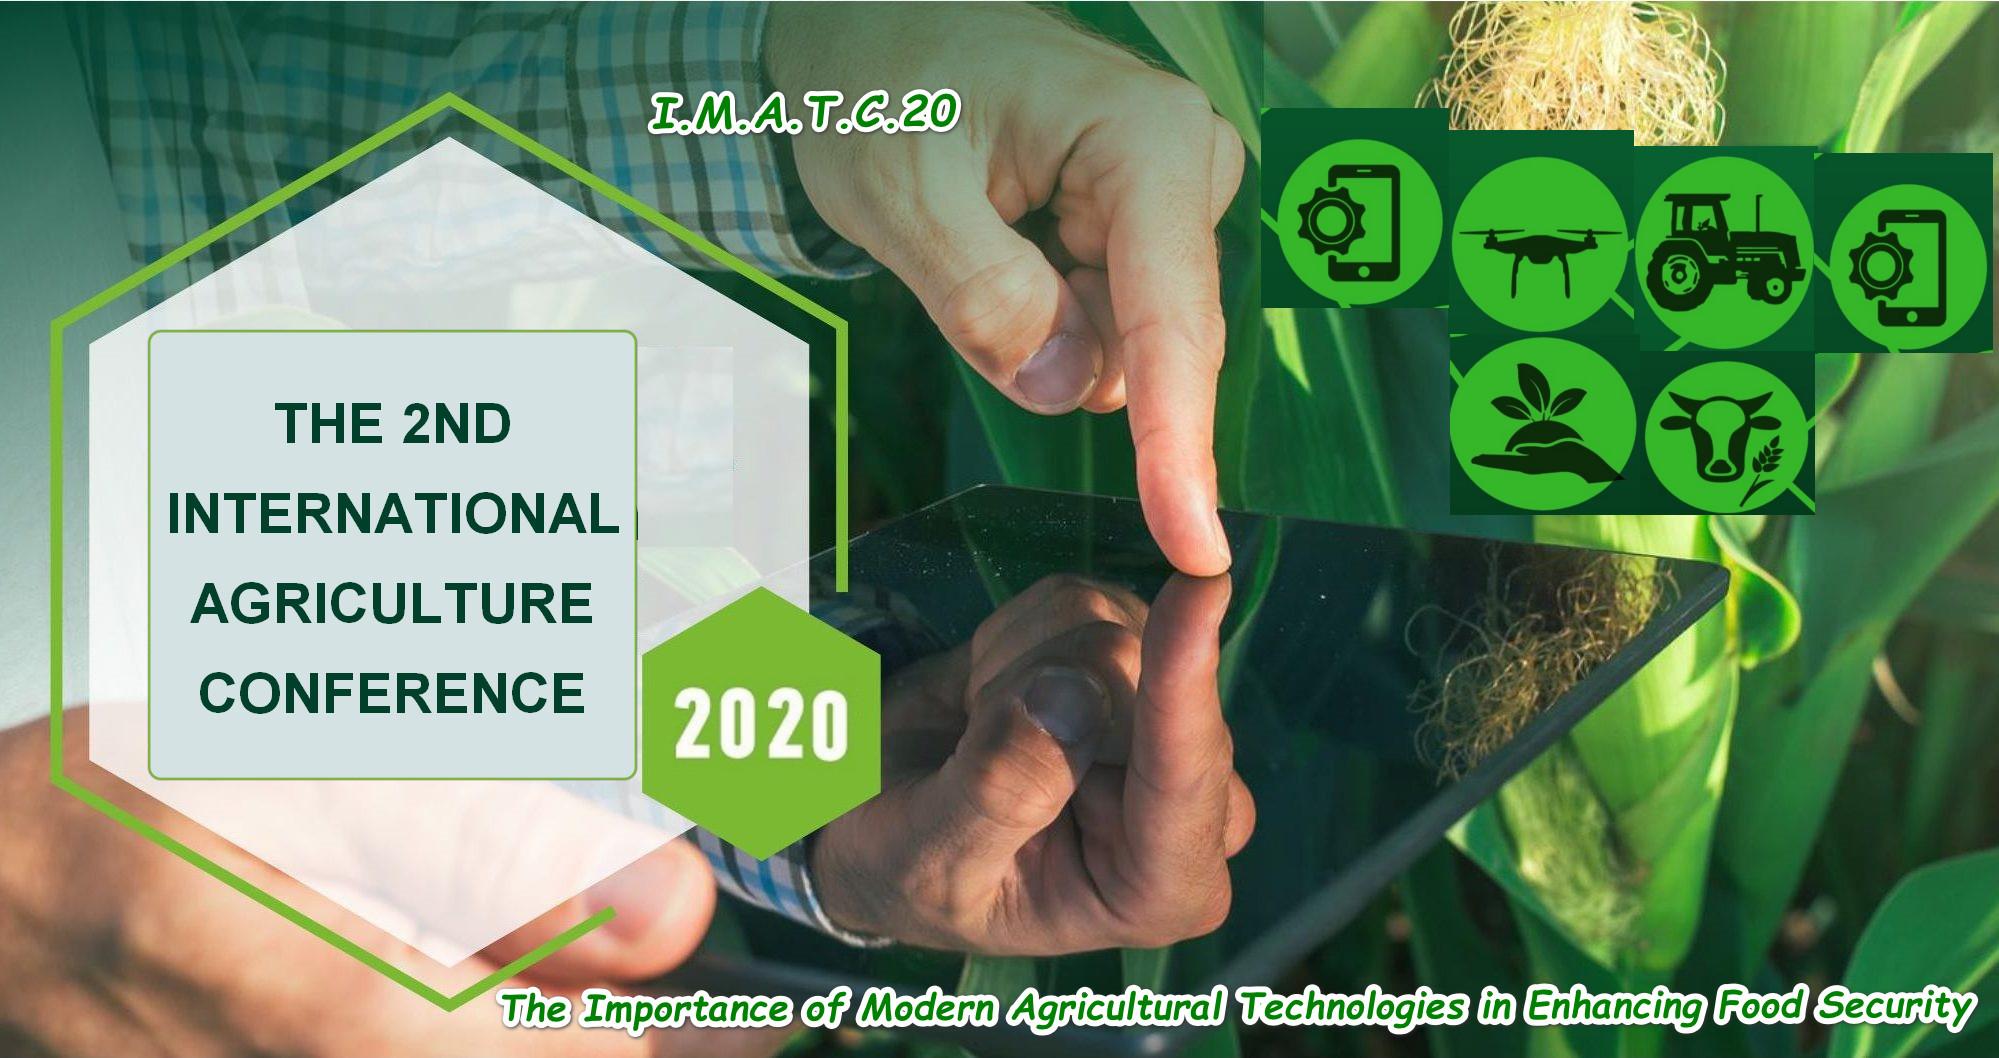 منهاج المؤتمر الزراعي الثاني